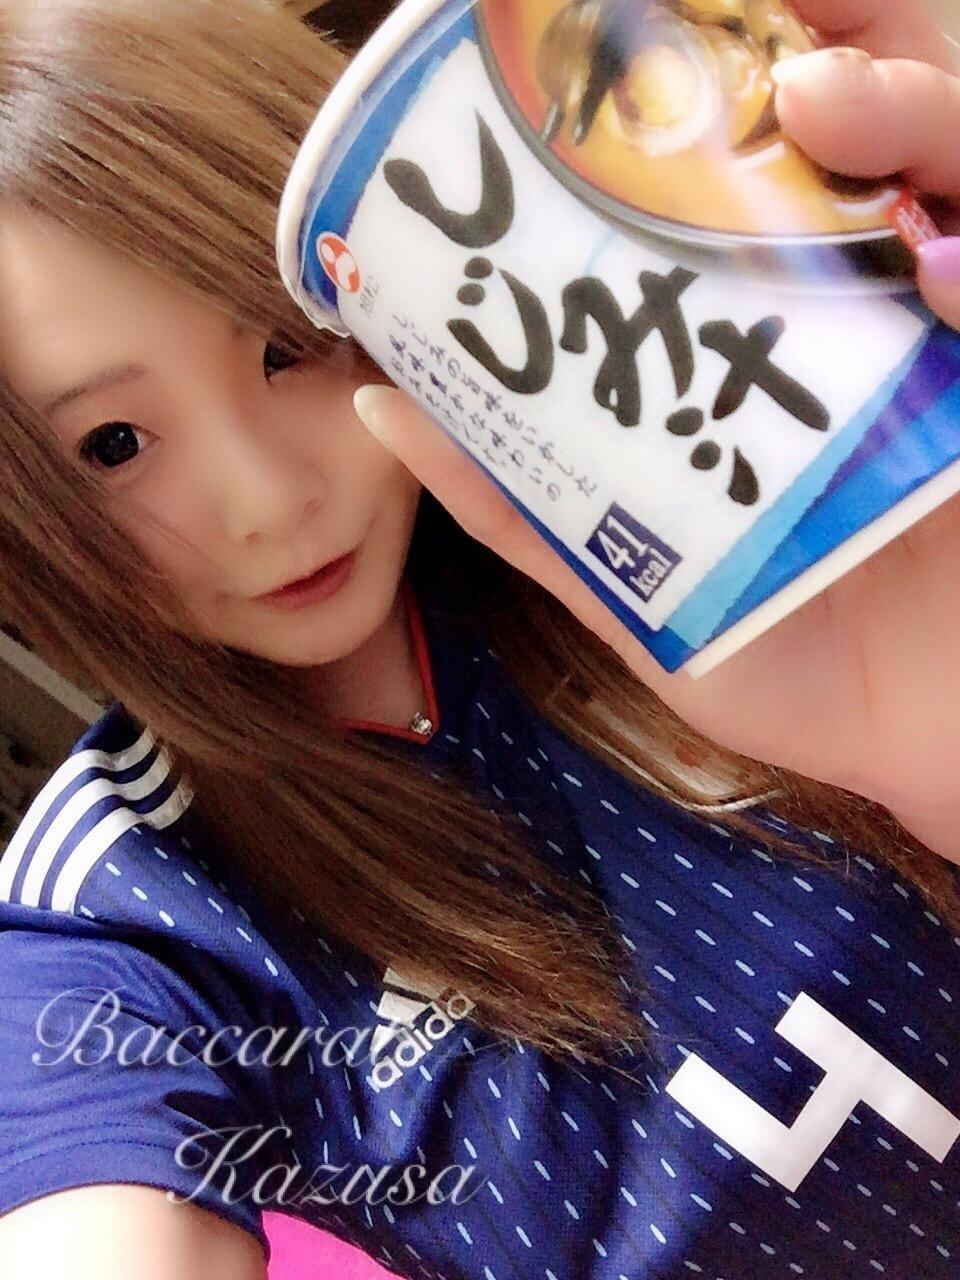 「☆お供たち☆」06/25(月) 00:08 | かずさの写メ・風俗動画